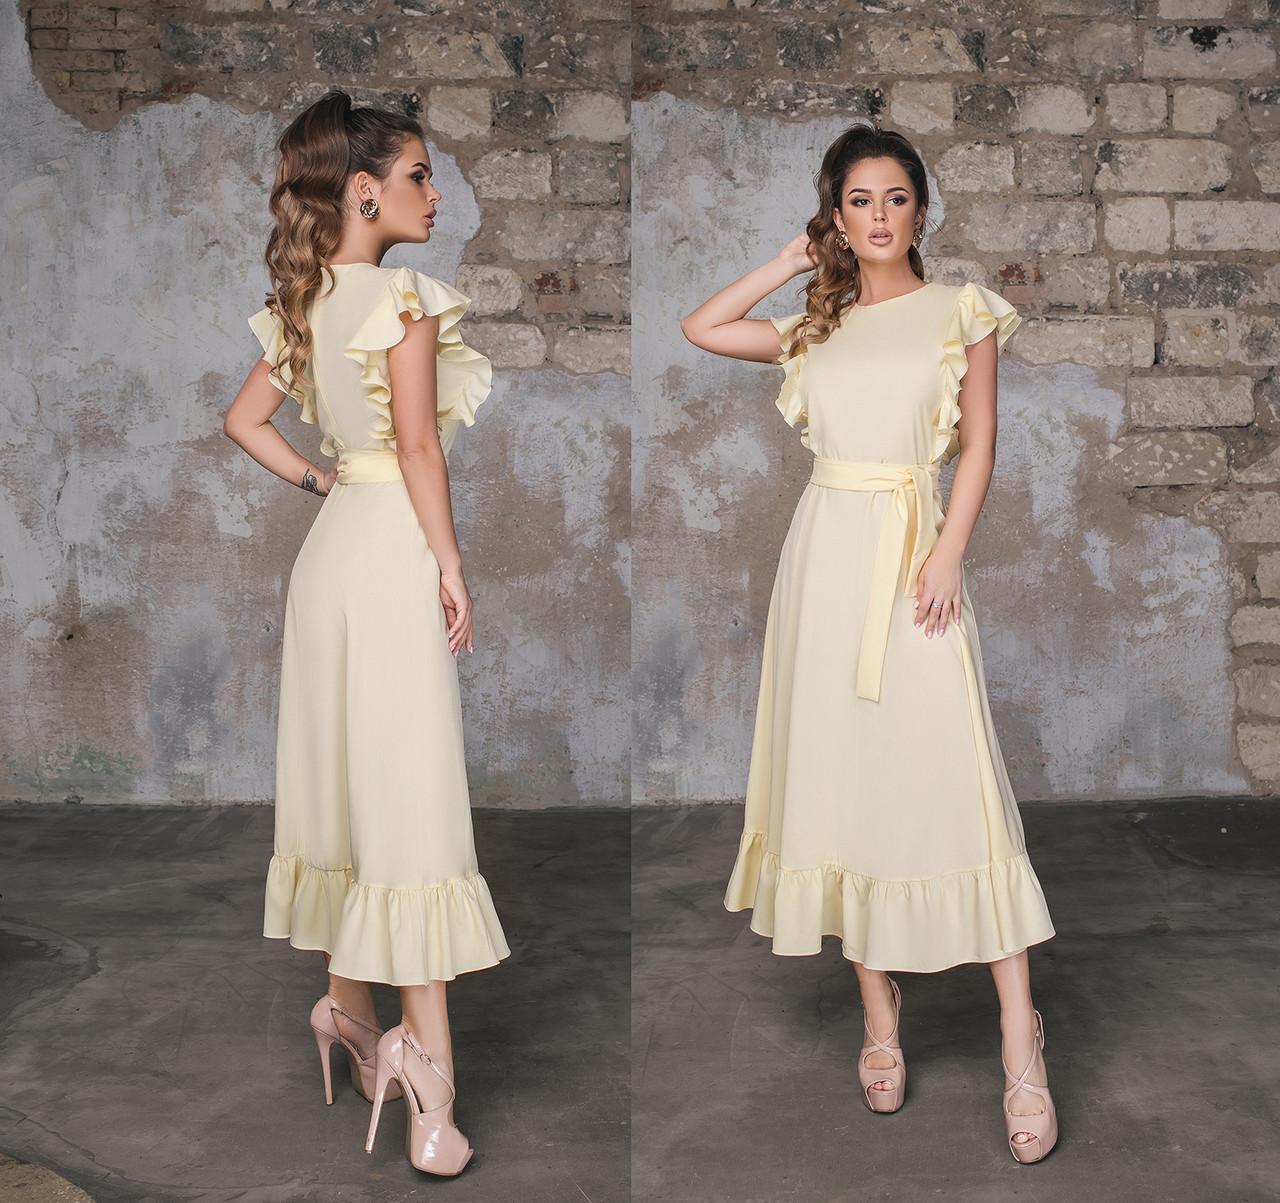 Женское летнее платье миди с воланами.Размеры:42-46.+Цвета